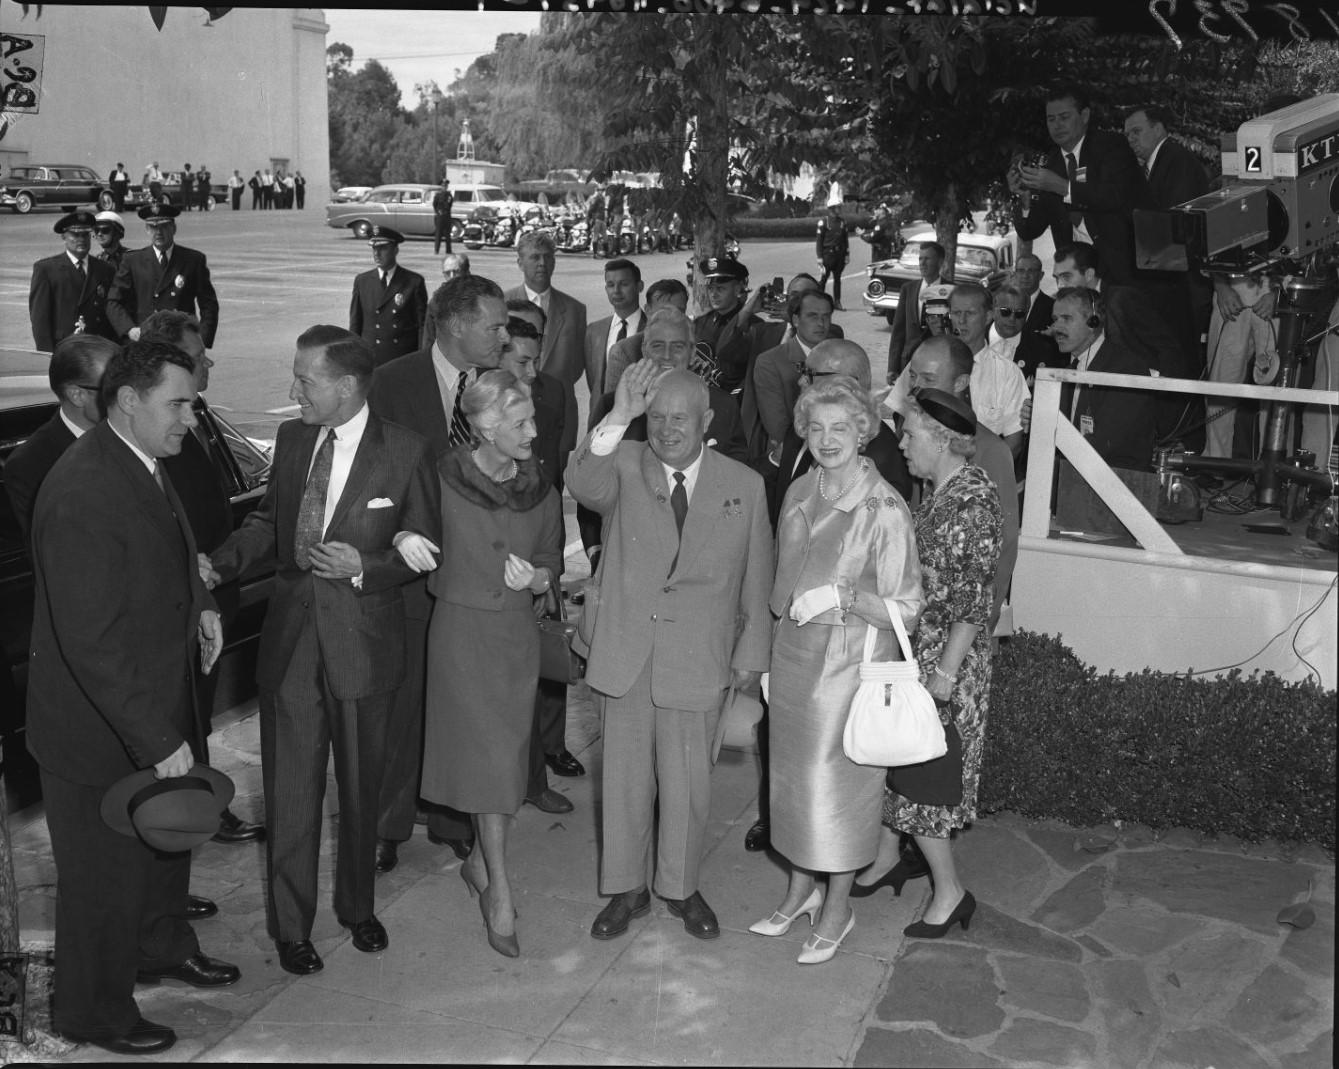 1959. Никита Хрущев прибыл на обед в студию 20-й век - Фокс  в Лос-Анджелесе